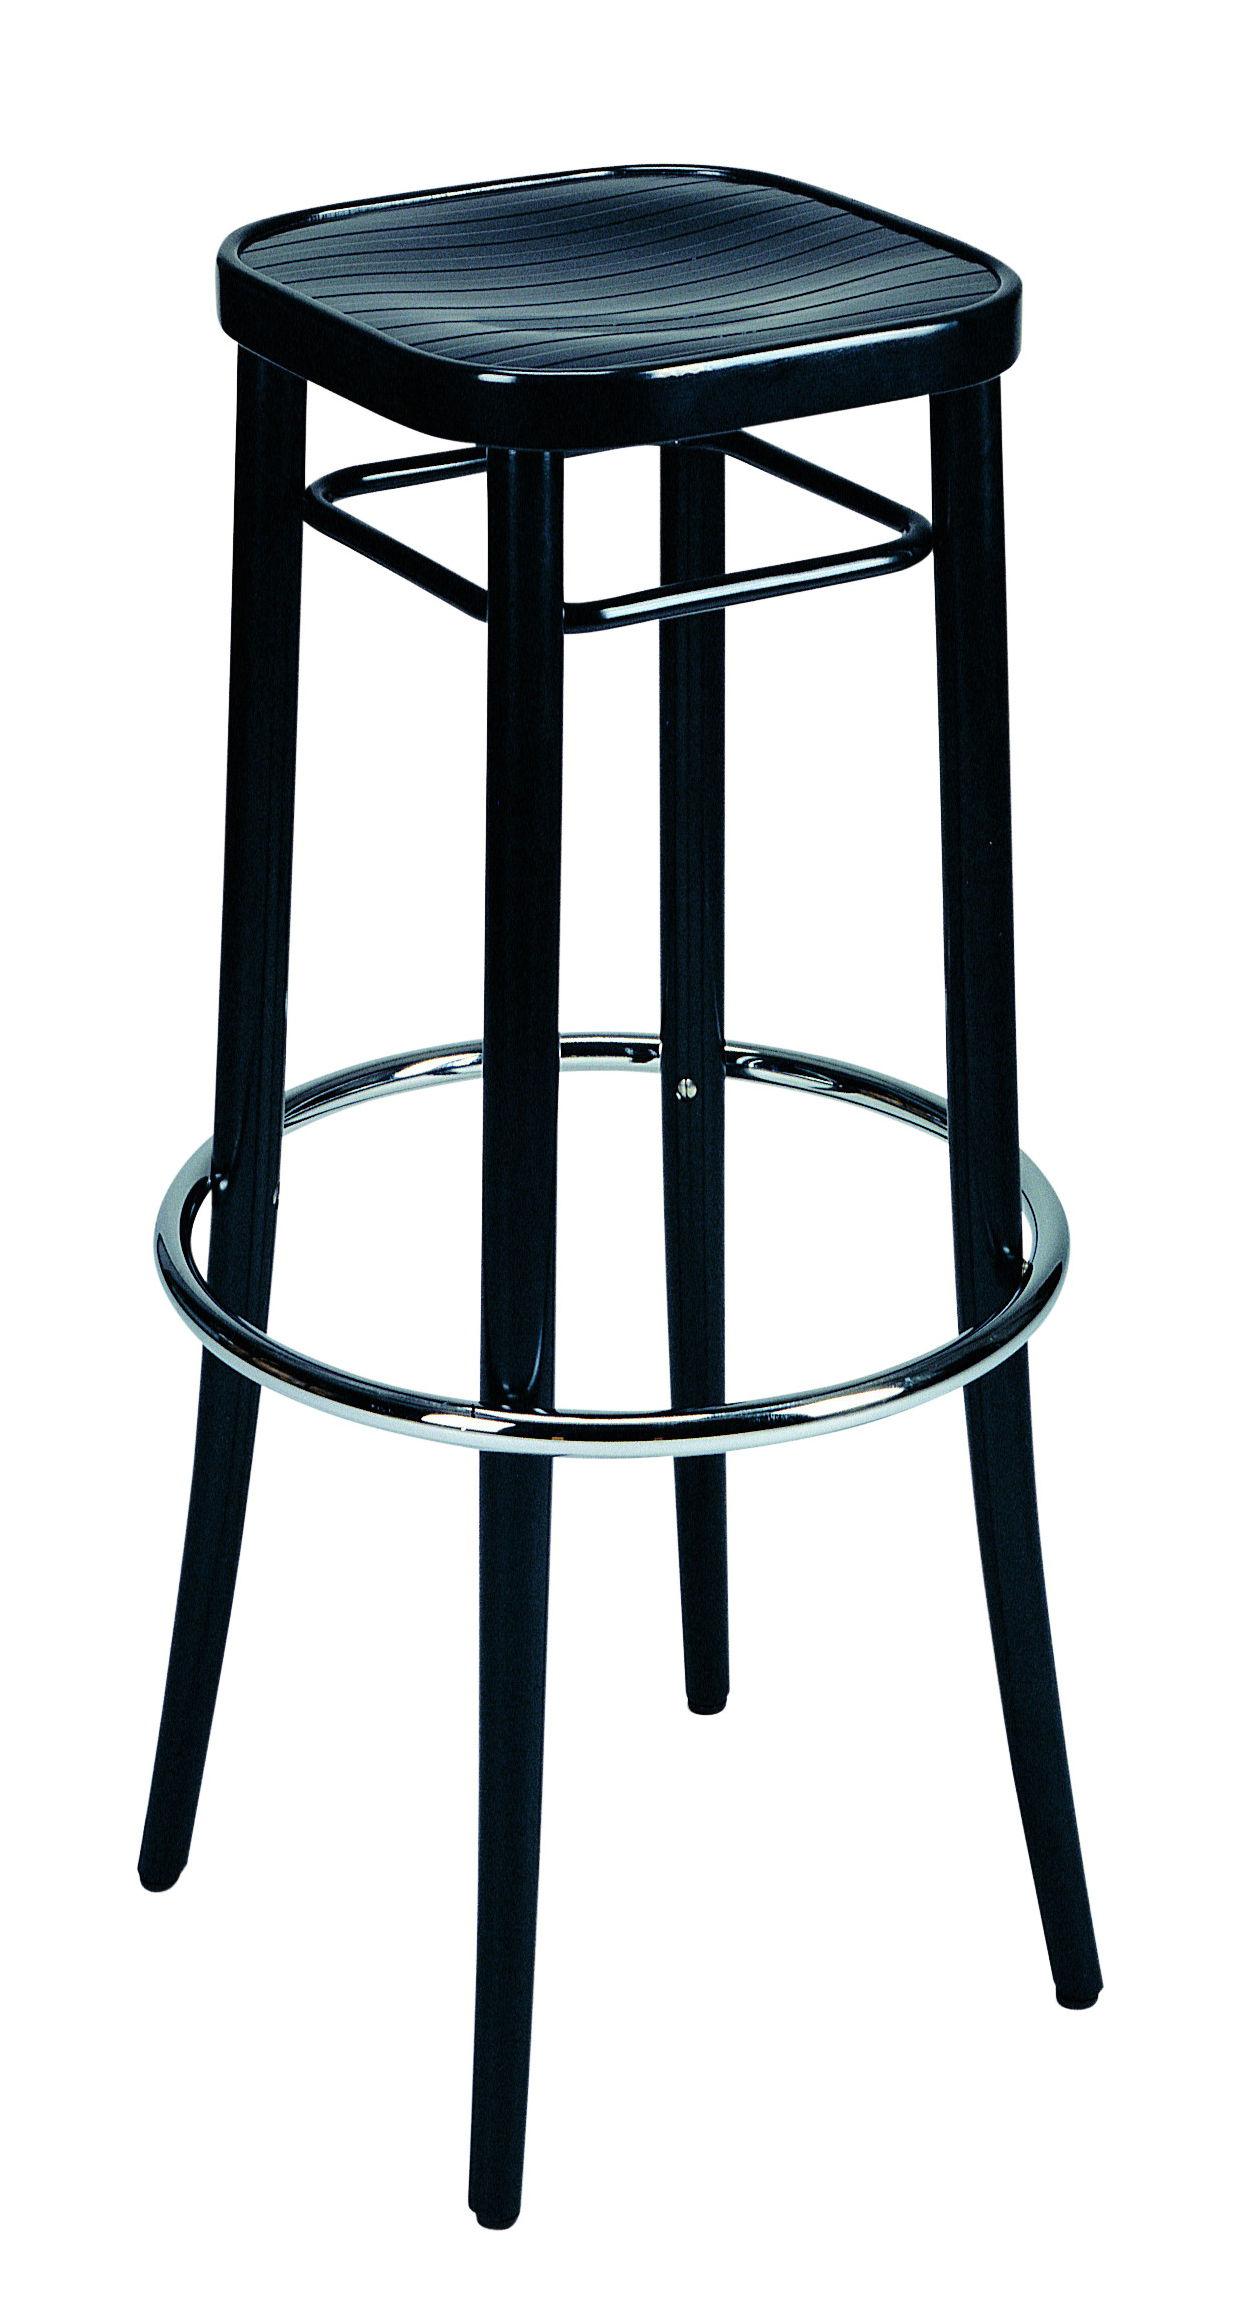 Arredamento - Sgabelli da bar  - Sgabello alto Vienna 144 - / H 85 cm - Riedizione 1908 di Wiener GTV Design - Seduta nera  / Struttura nera - Compensato di faggio, Hêtre massif cintré, Metallo cromato